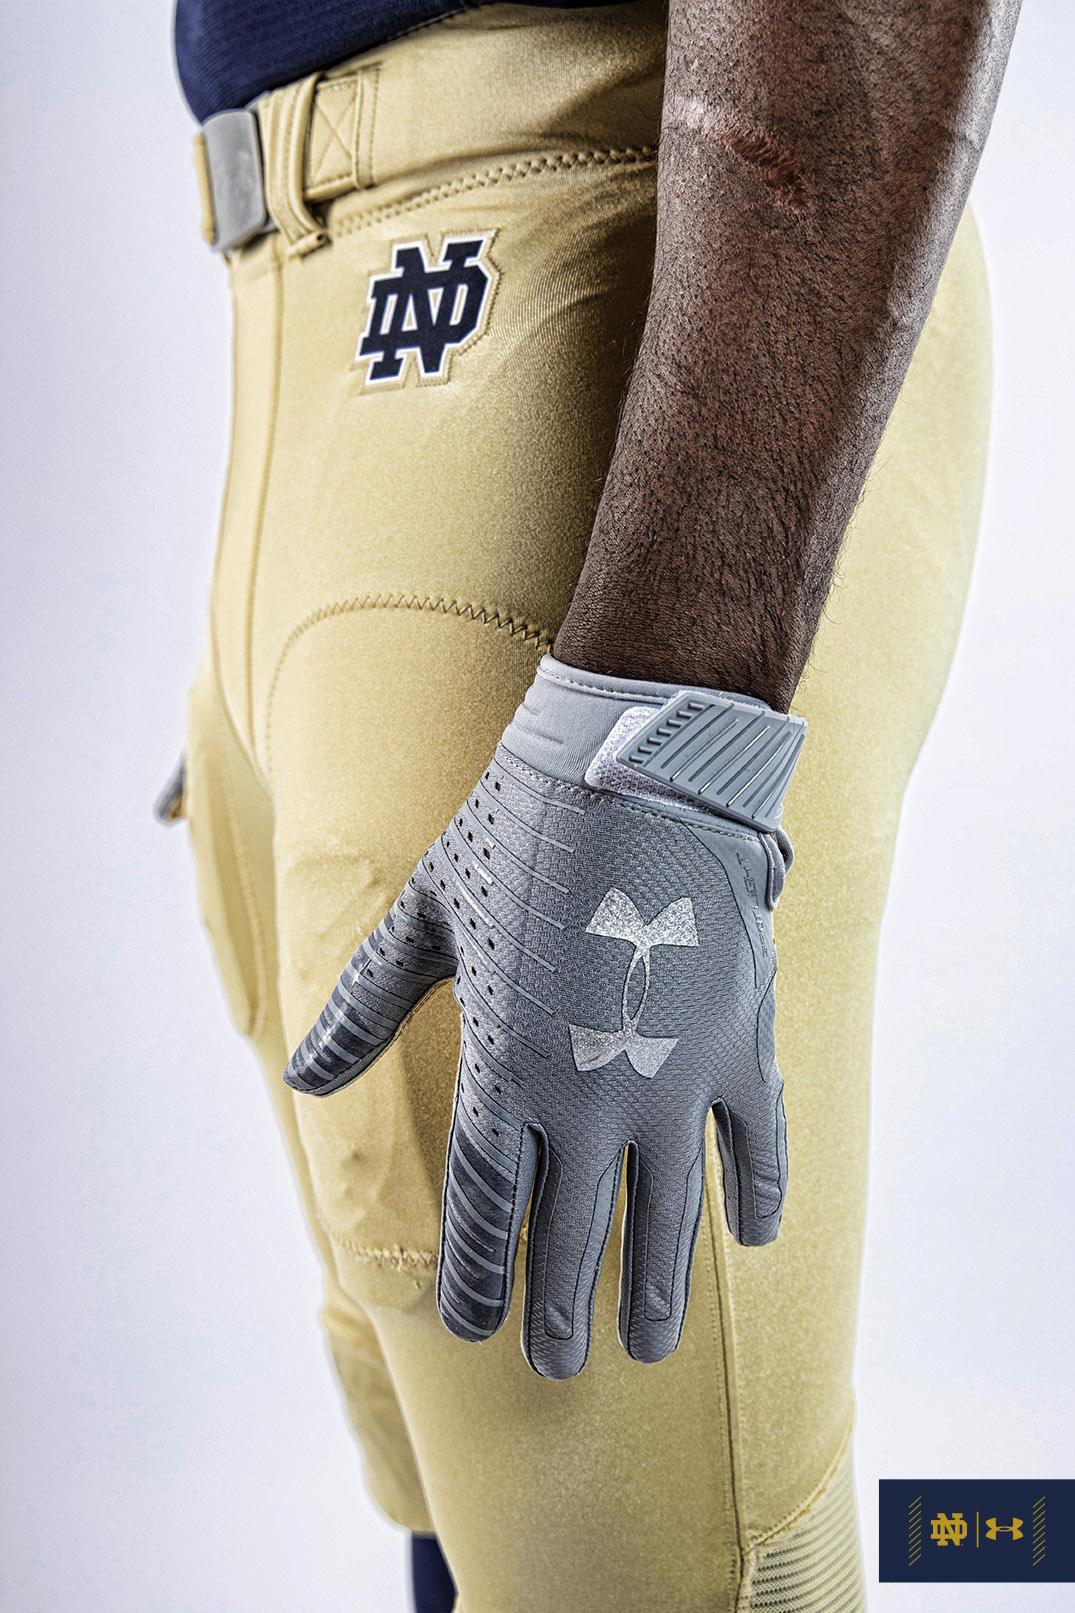 glove-detail-UA88_72DPI_v2.jpg